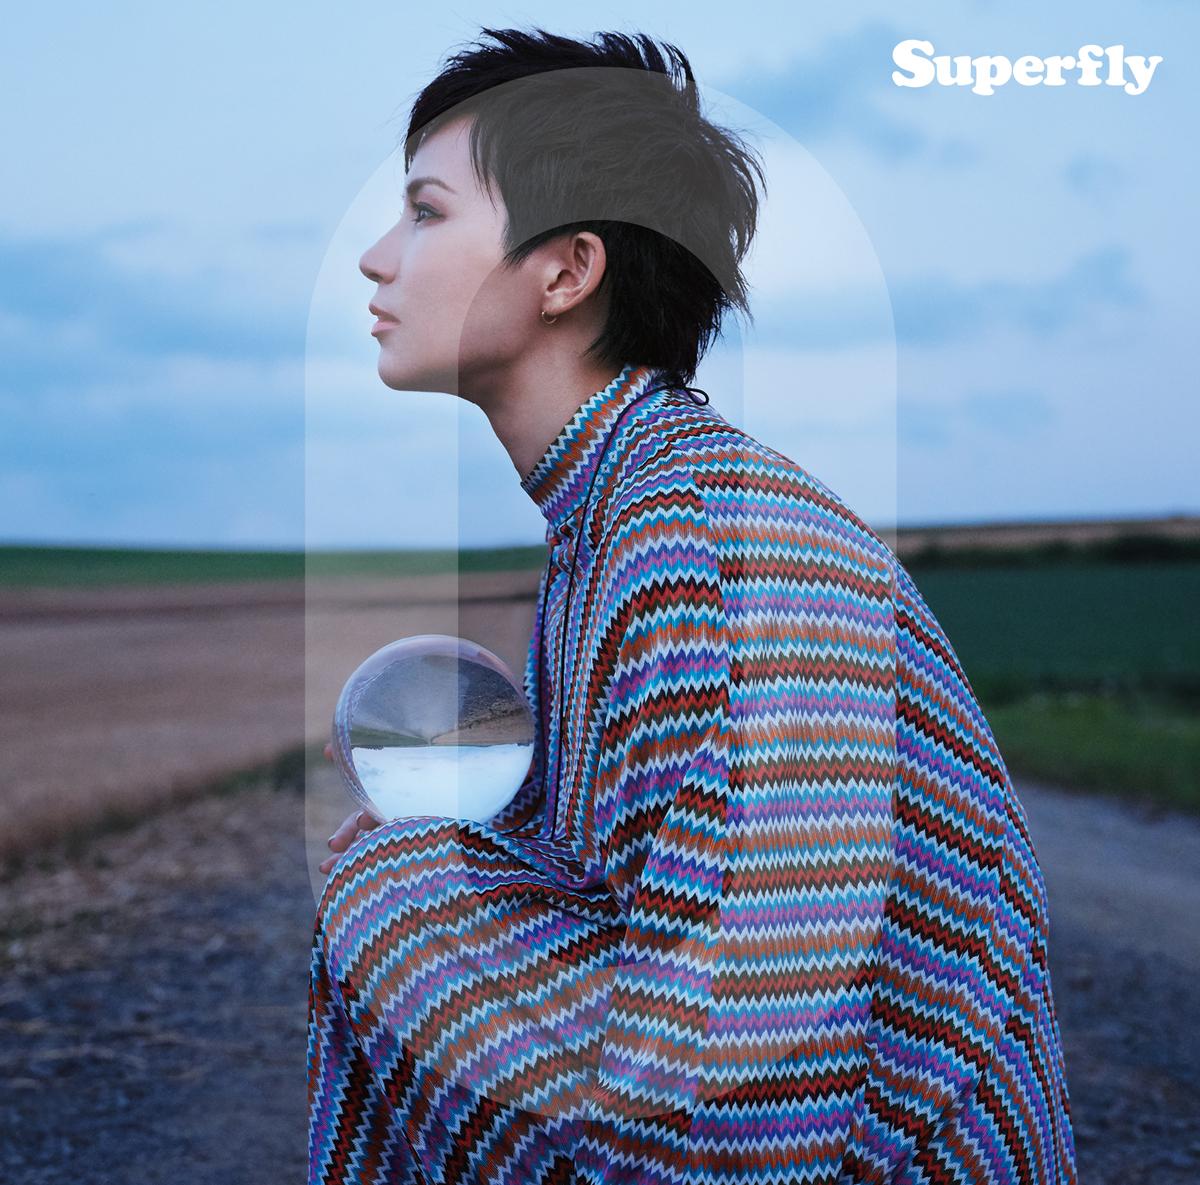 『SuperflyLilyの祈り』収録の『』ジャケット